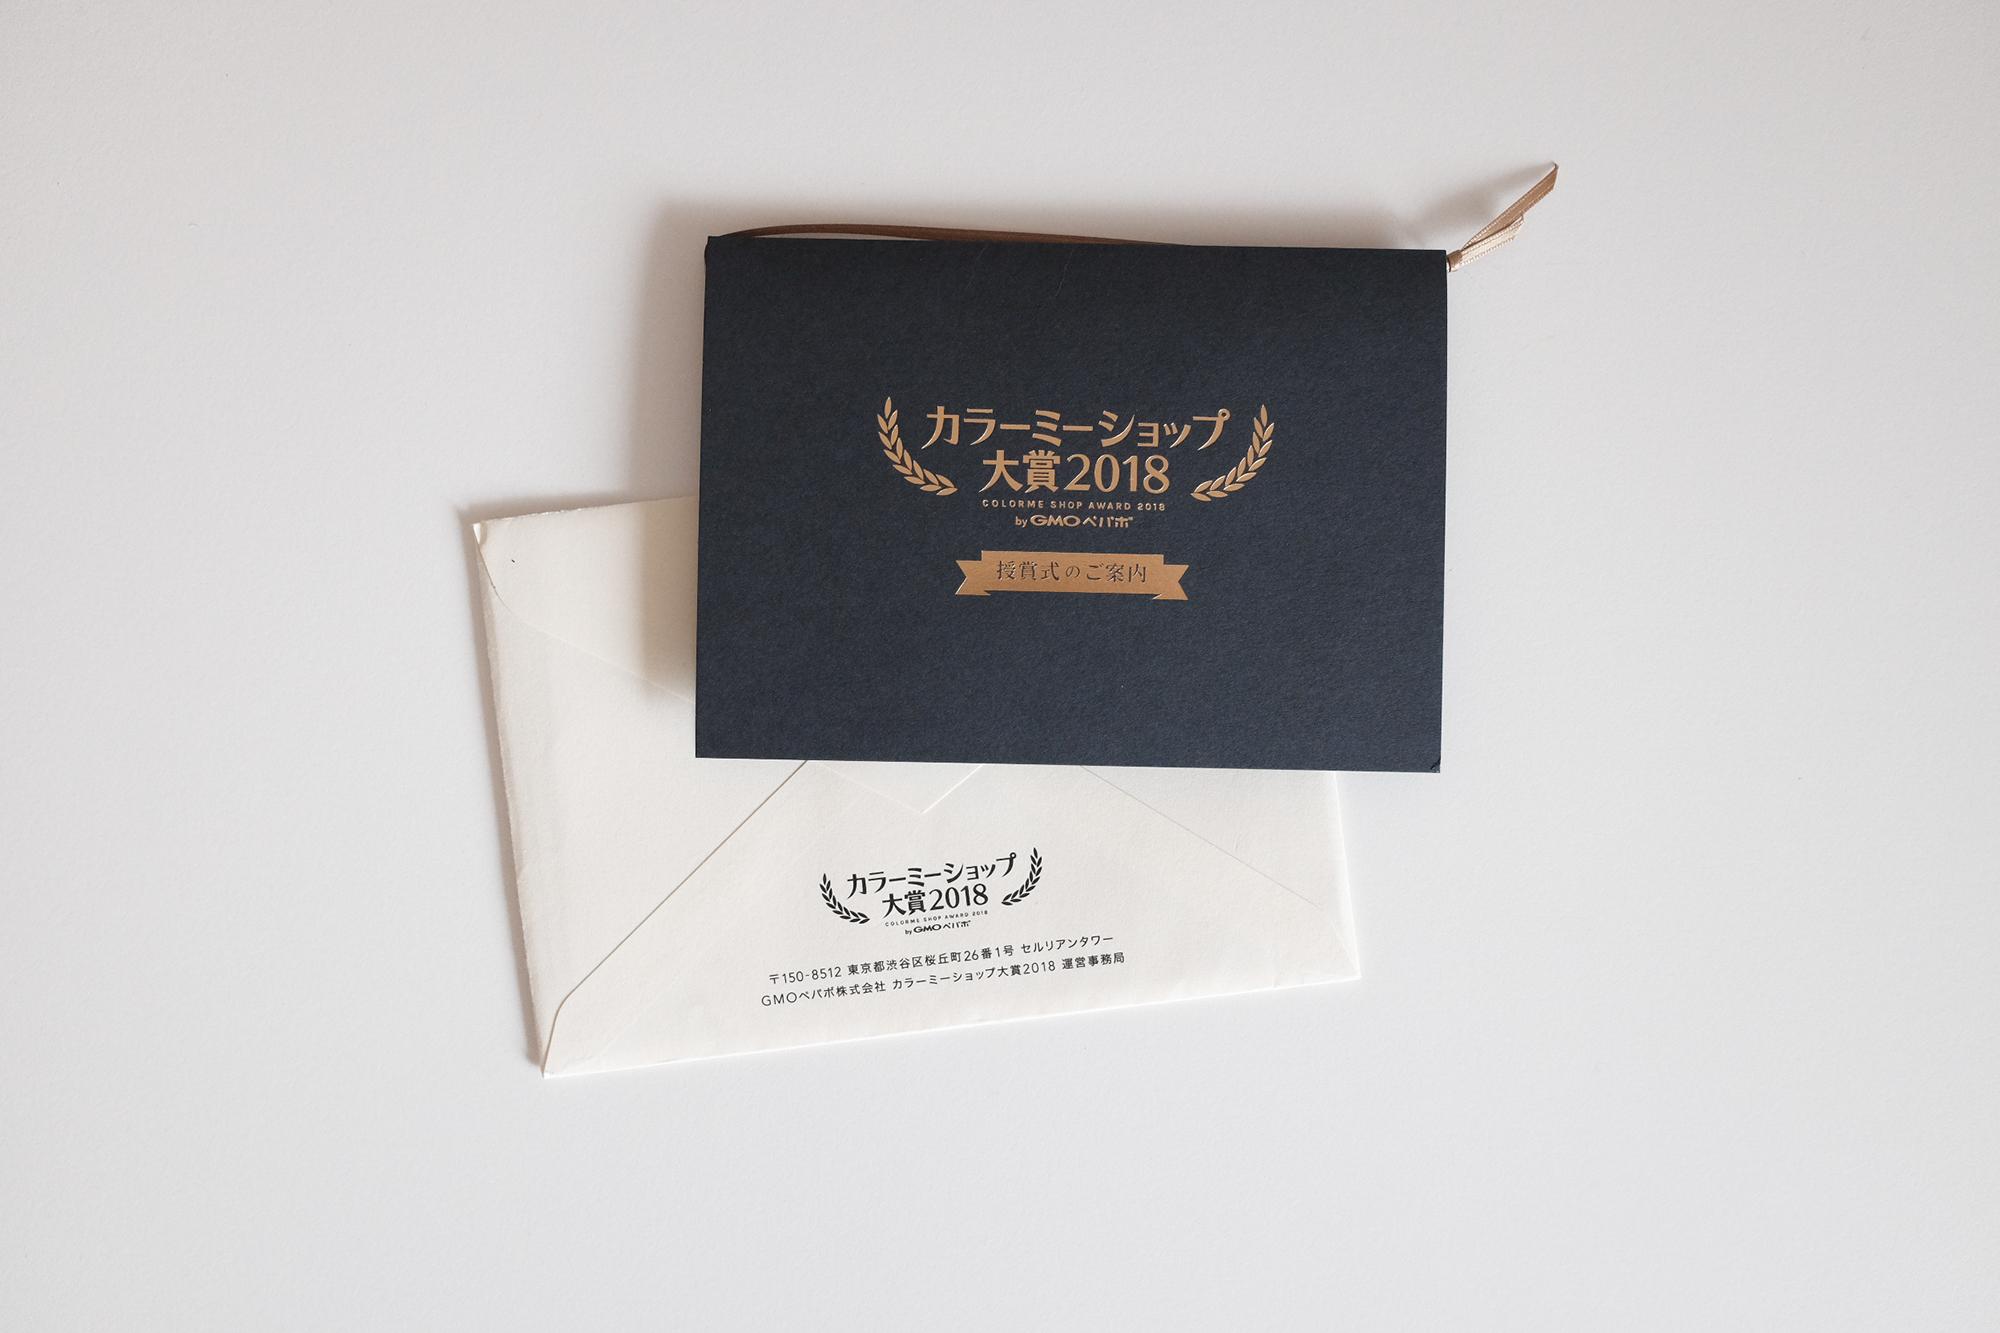 カラーミーショップ大賞2018招待状